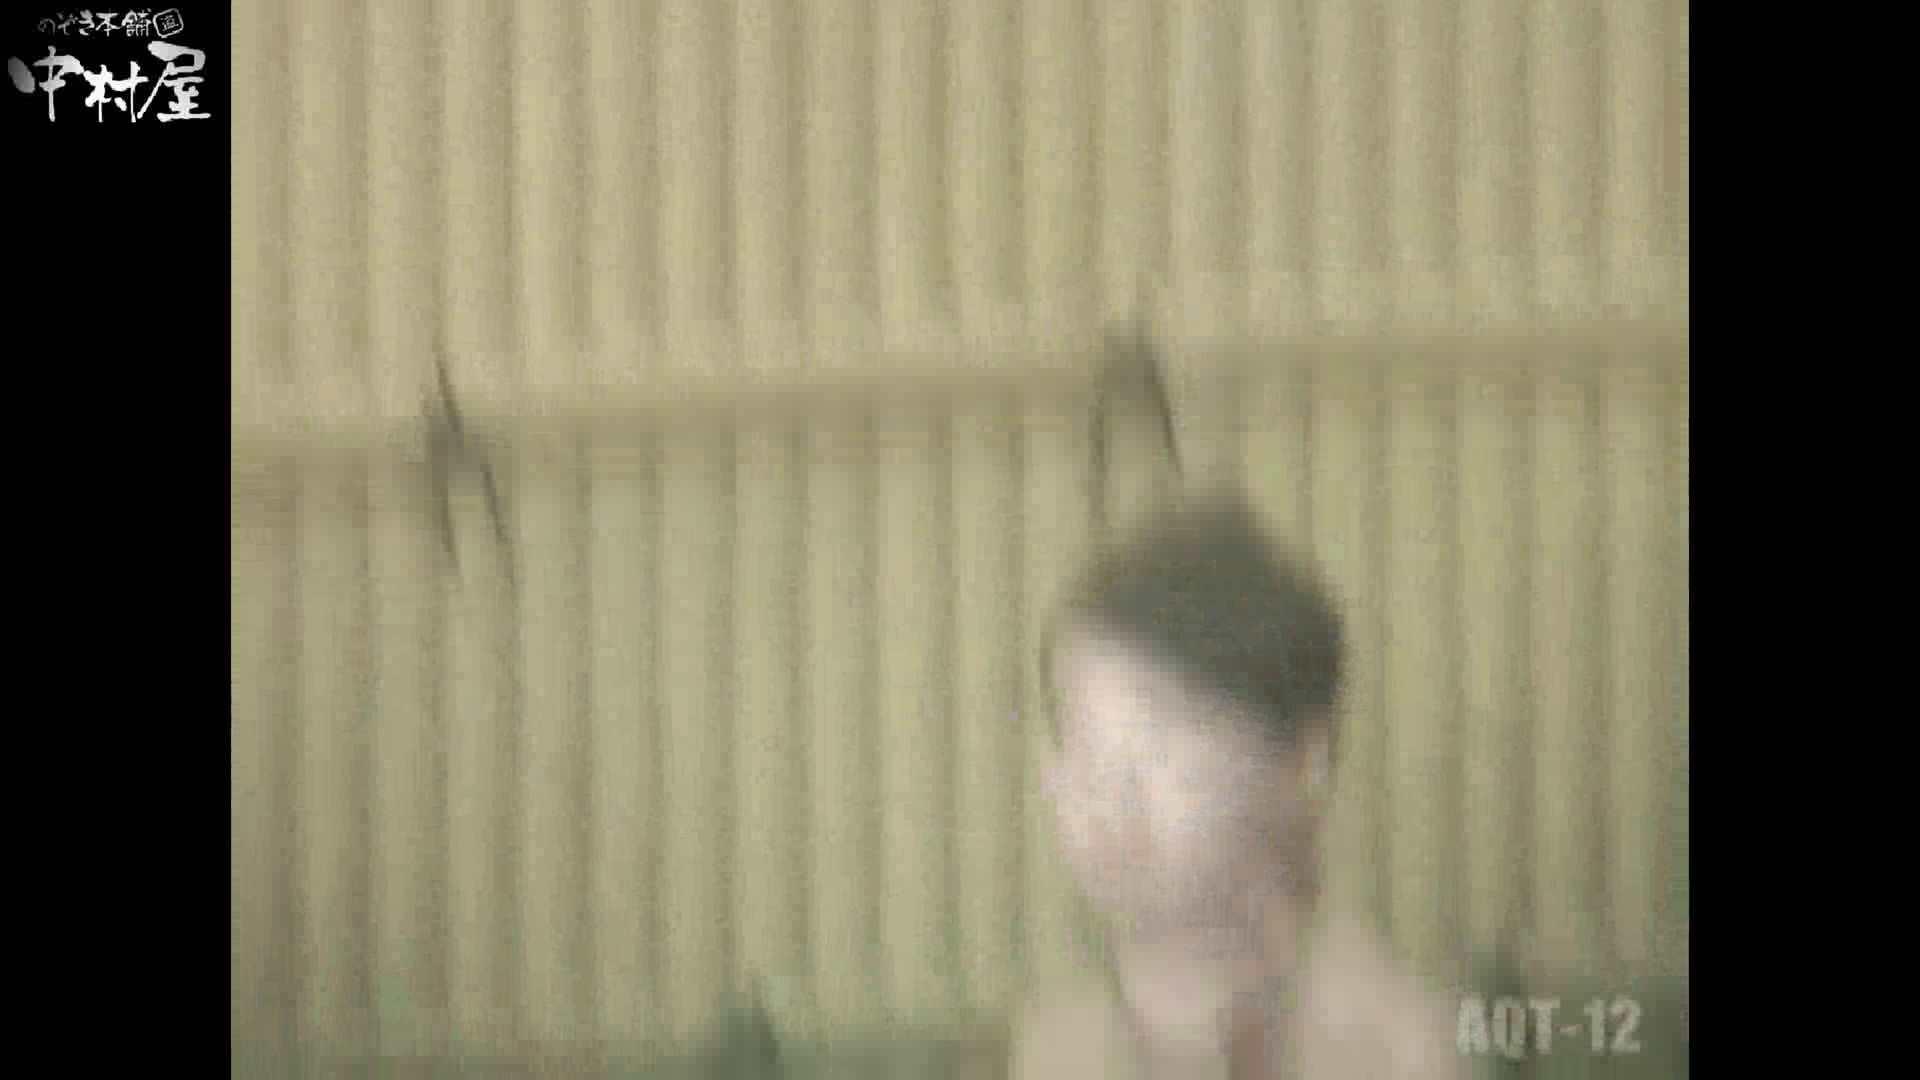 Aquaな露天風呂Vol.876潜入盗撮露天風呂十二判湯 其の一 潜入 オマンコ動画キャプチャ 86PIX 11